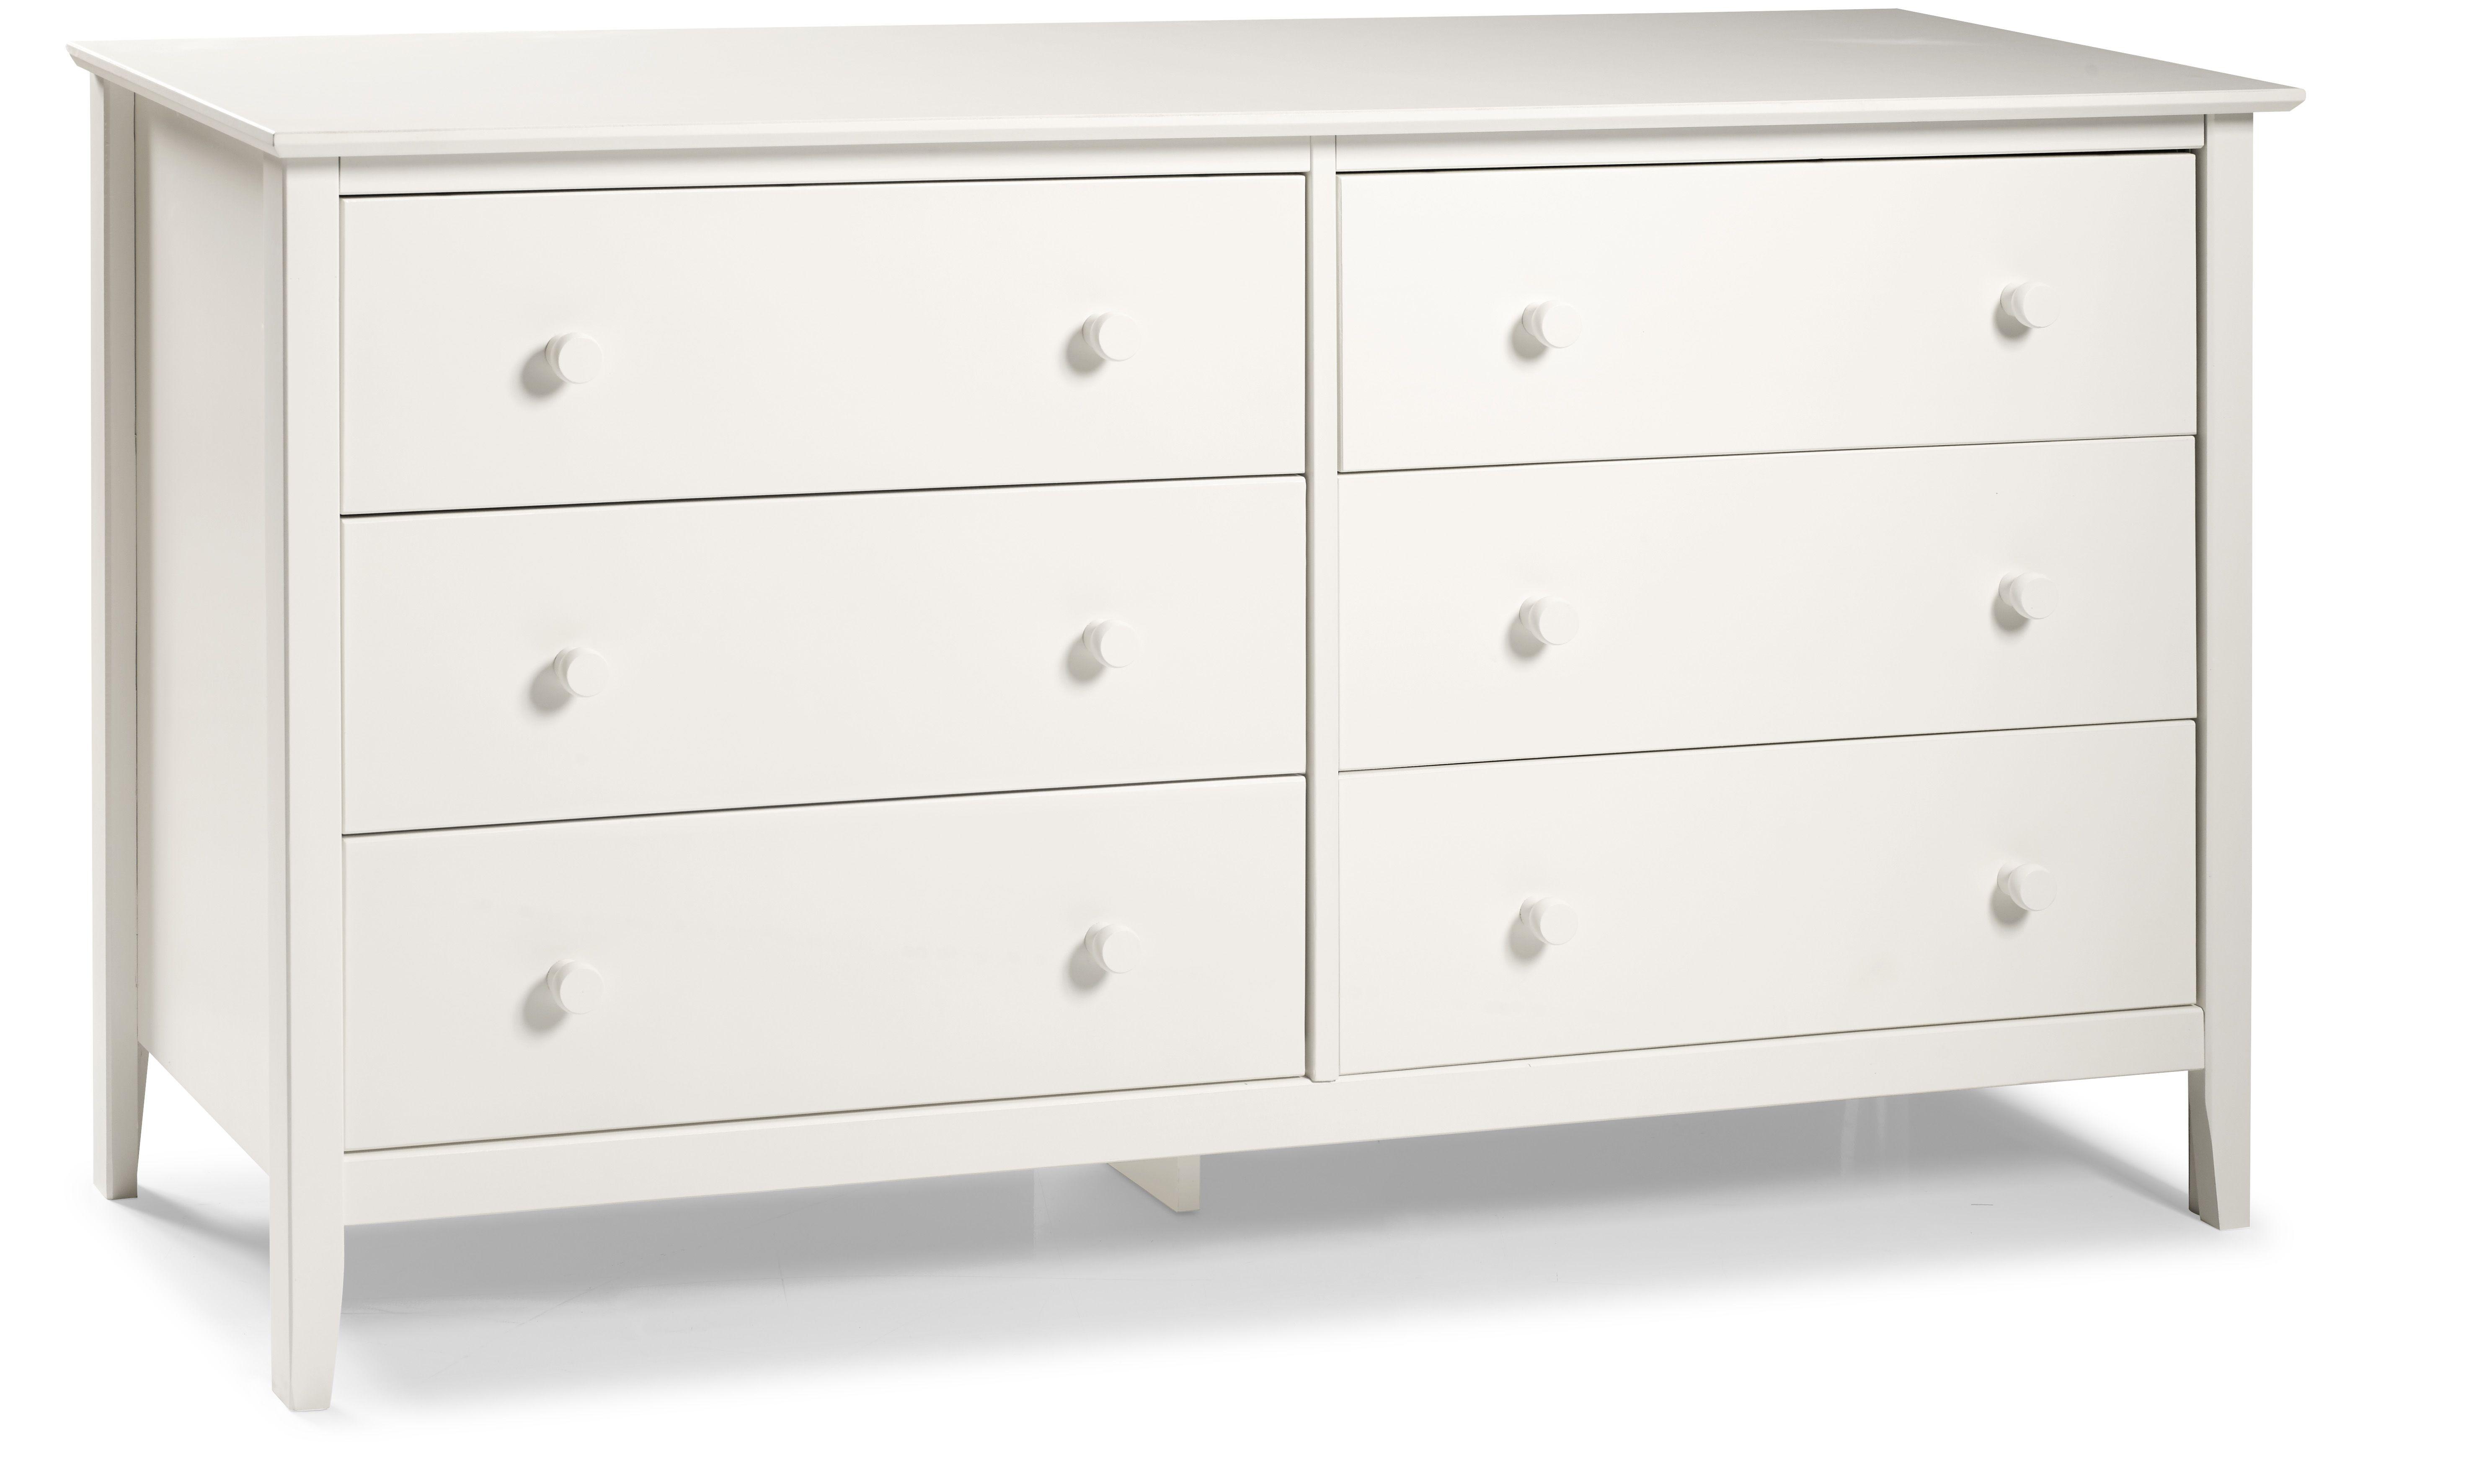 Simplicity 6 Drawer Dresser White Walmart Com 6 Drawer Dresser Dresser Drawers Drawers [ 3543 x 5906 Pixel ]